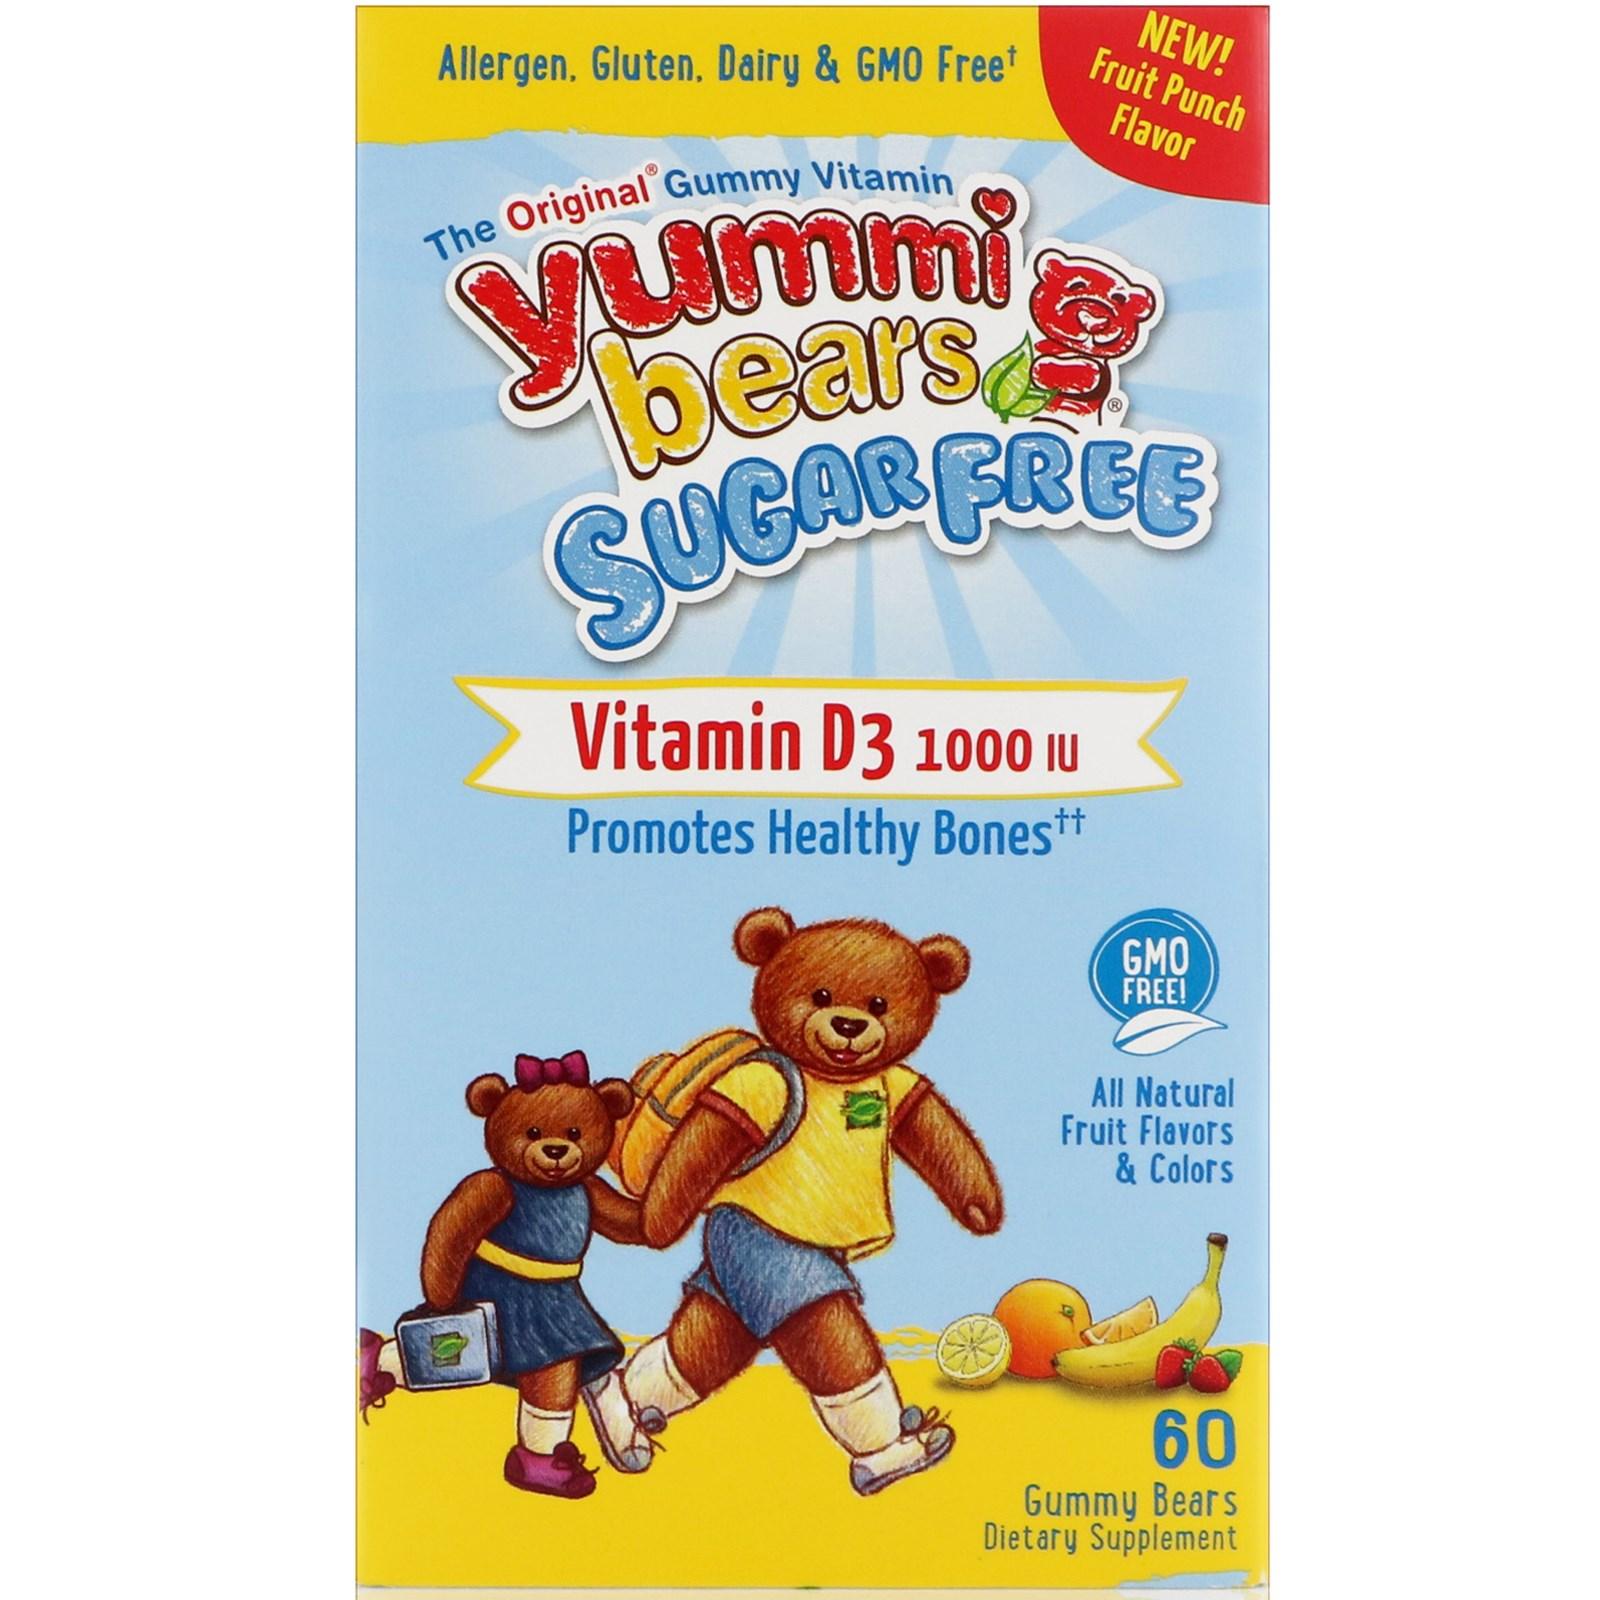 Hero Nutritional Products, Yummi Bears, витамин D3, не содержит сахар, вкус - фруктовый пунш, 1000 МЕ, 60 жевательных медвежат